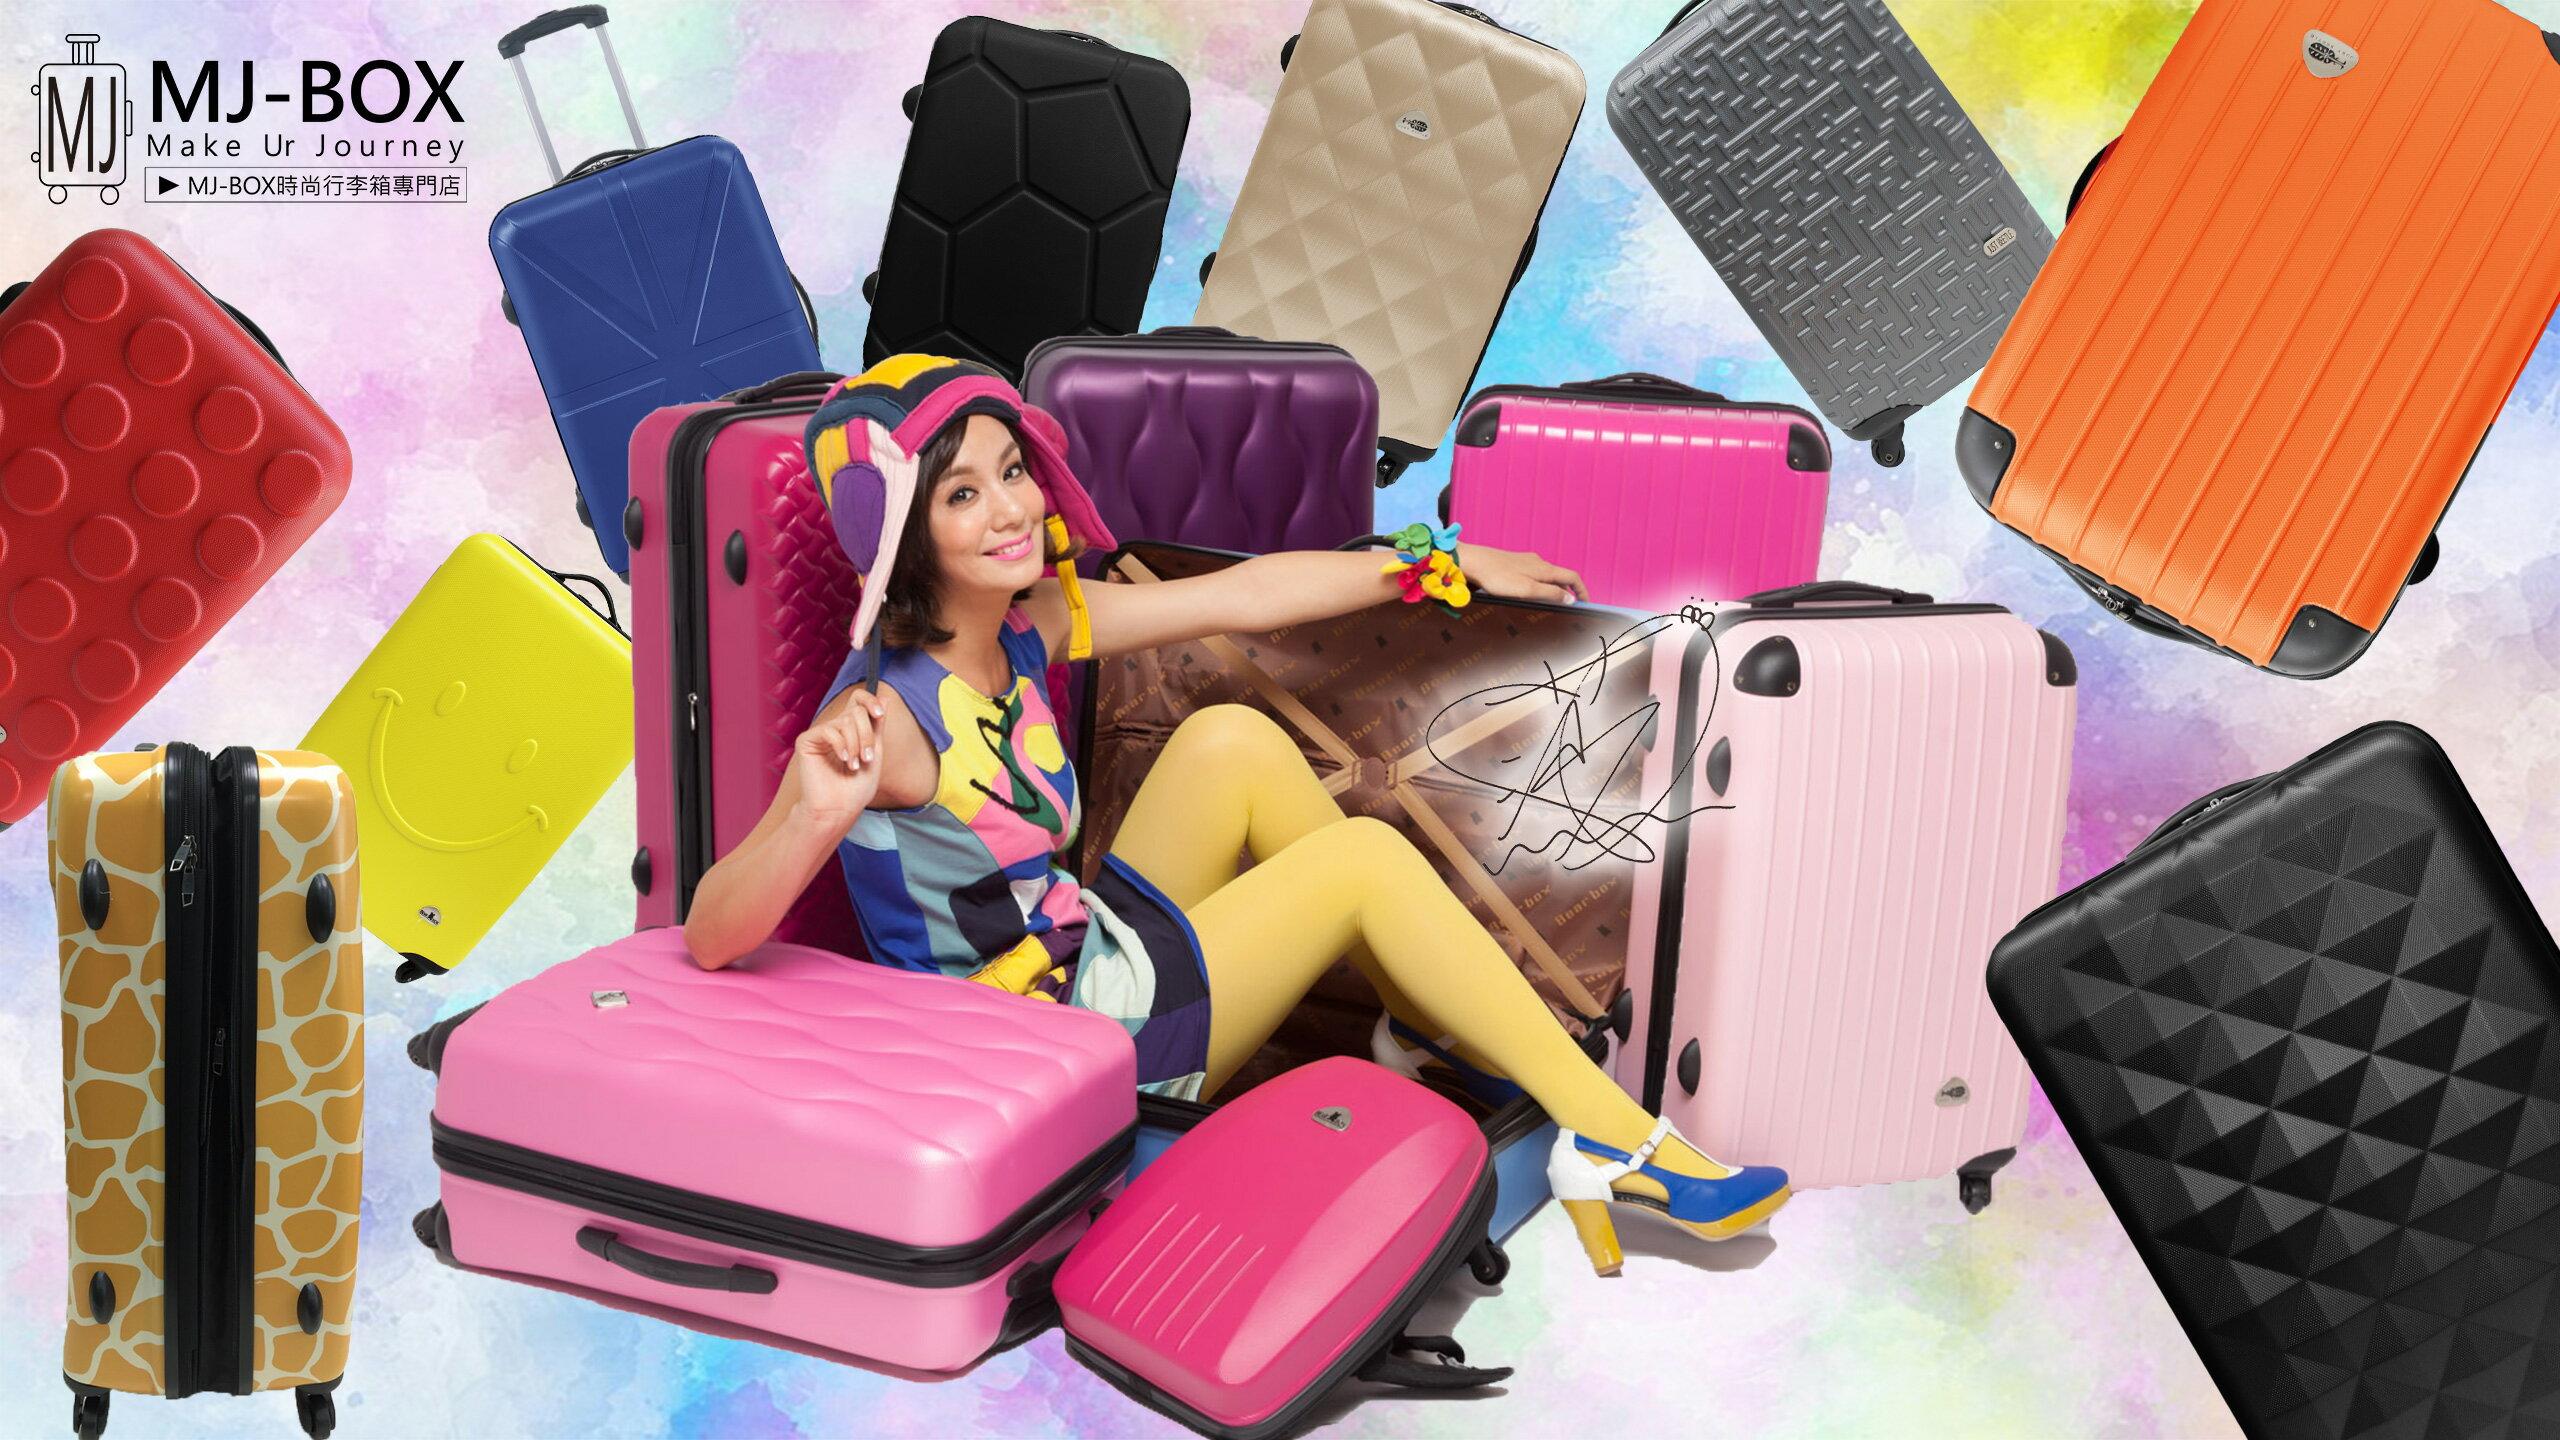 展示品出清特賣ABS材質20吋輕硬殼旅行箱 / 行李箱 1